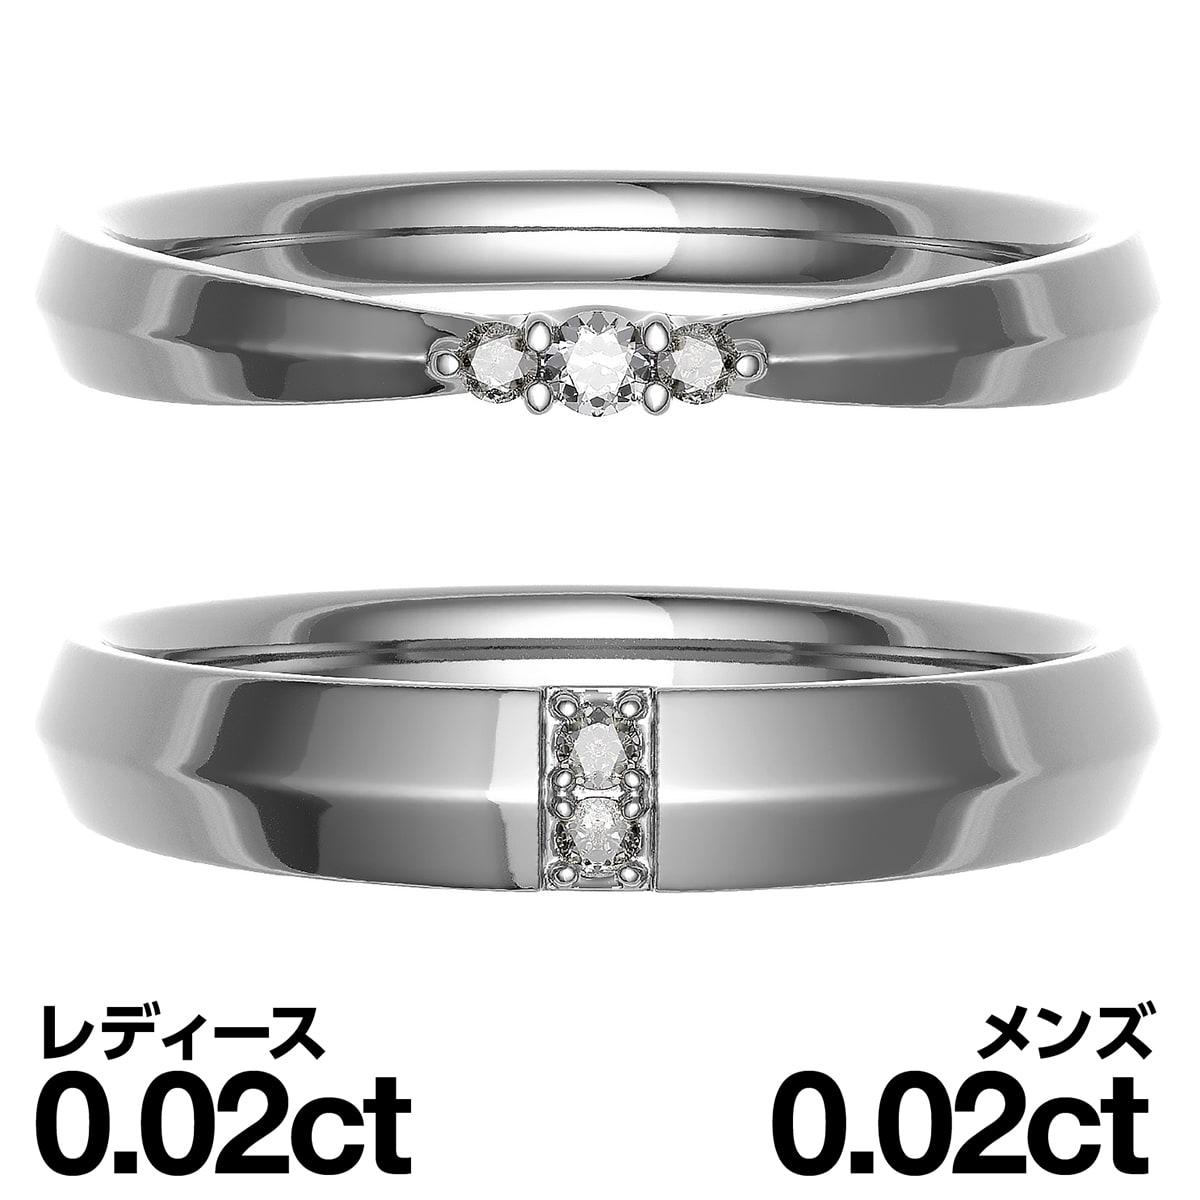 ペアリング シルバー925 天然ダイヤモンド 2本セット 品質保証書 金属アレルギー 日本製【smtb-m】【auktn_fs】